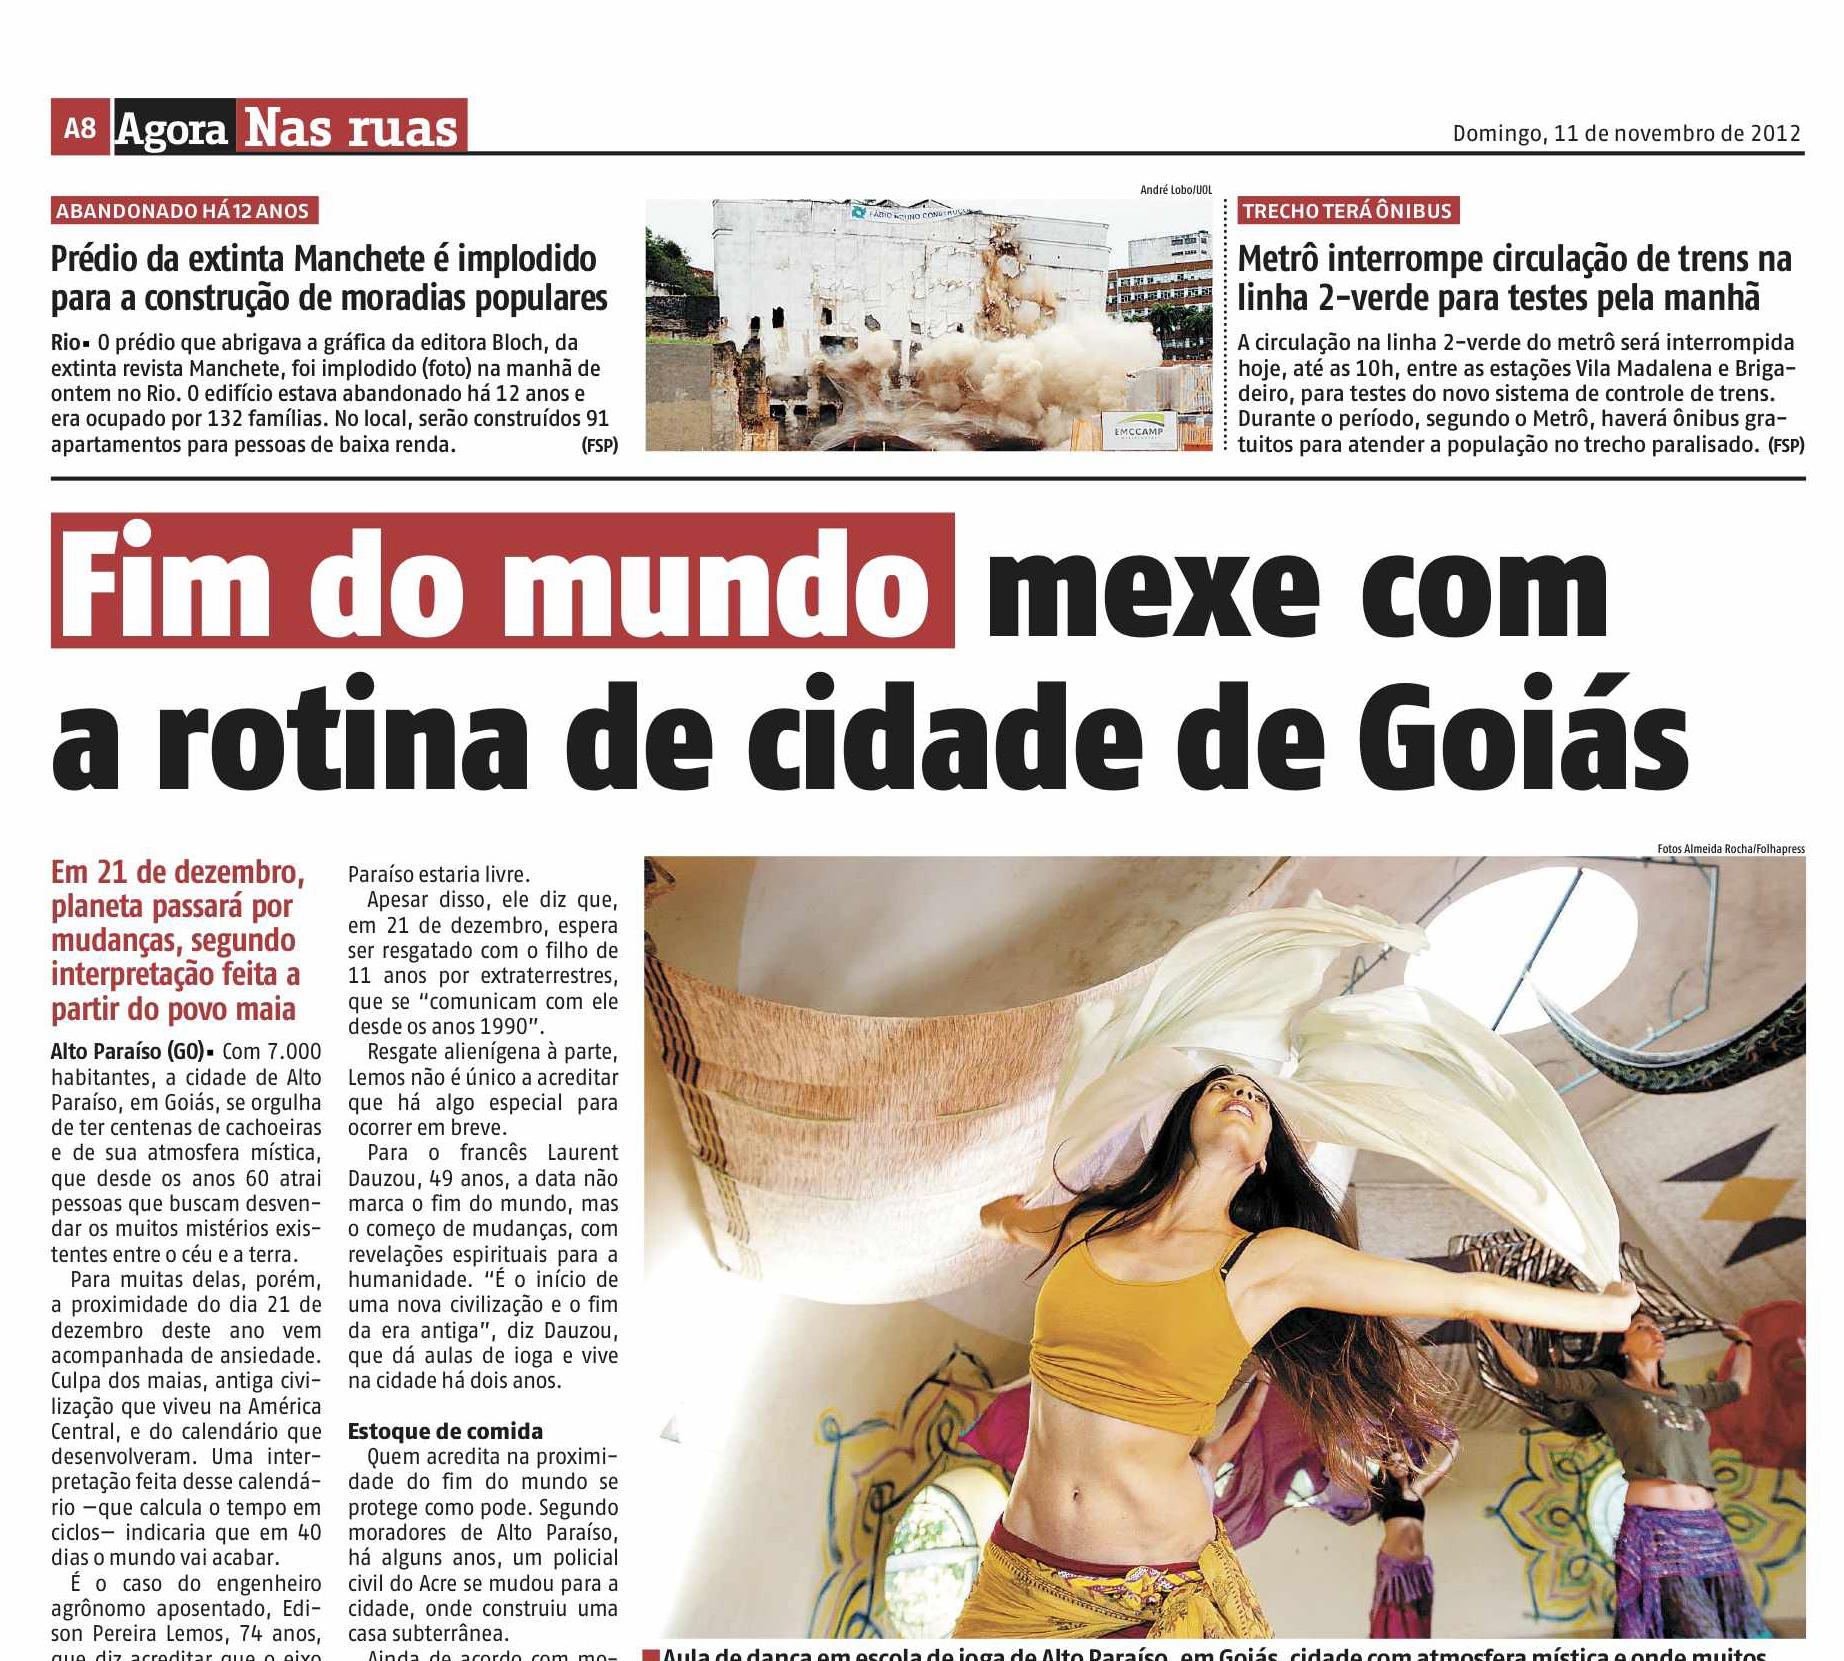 ABR MEDIA 6.jpg